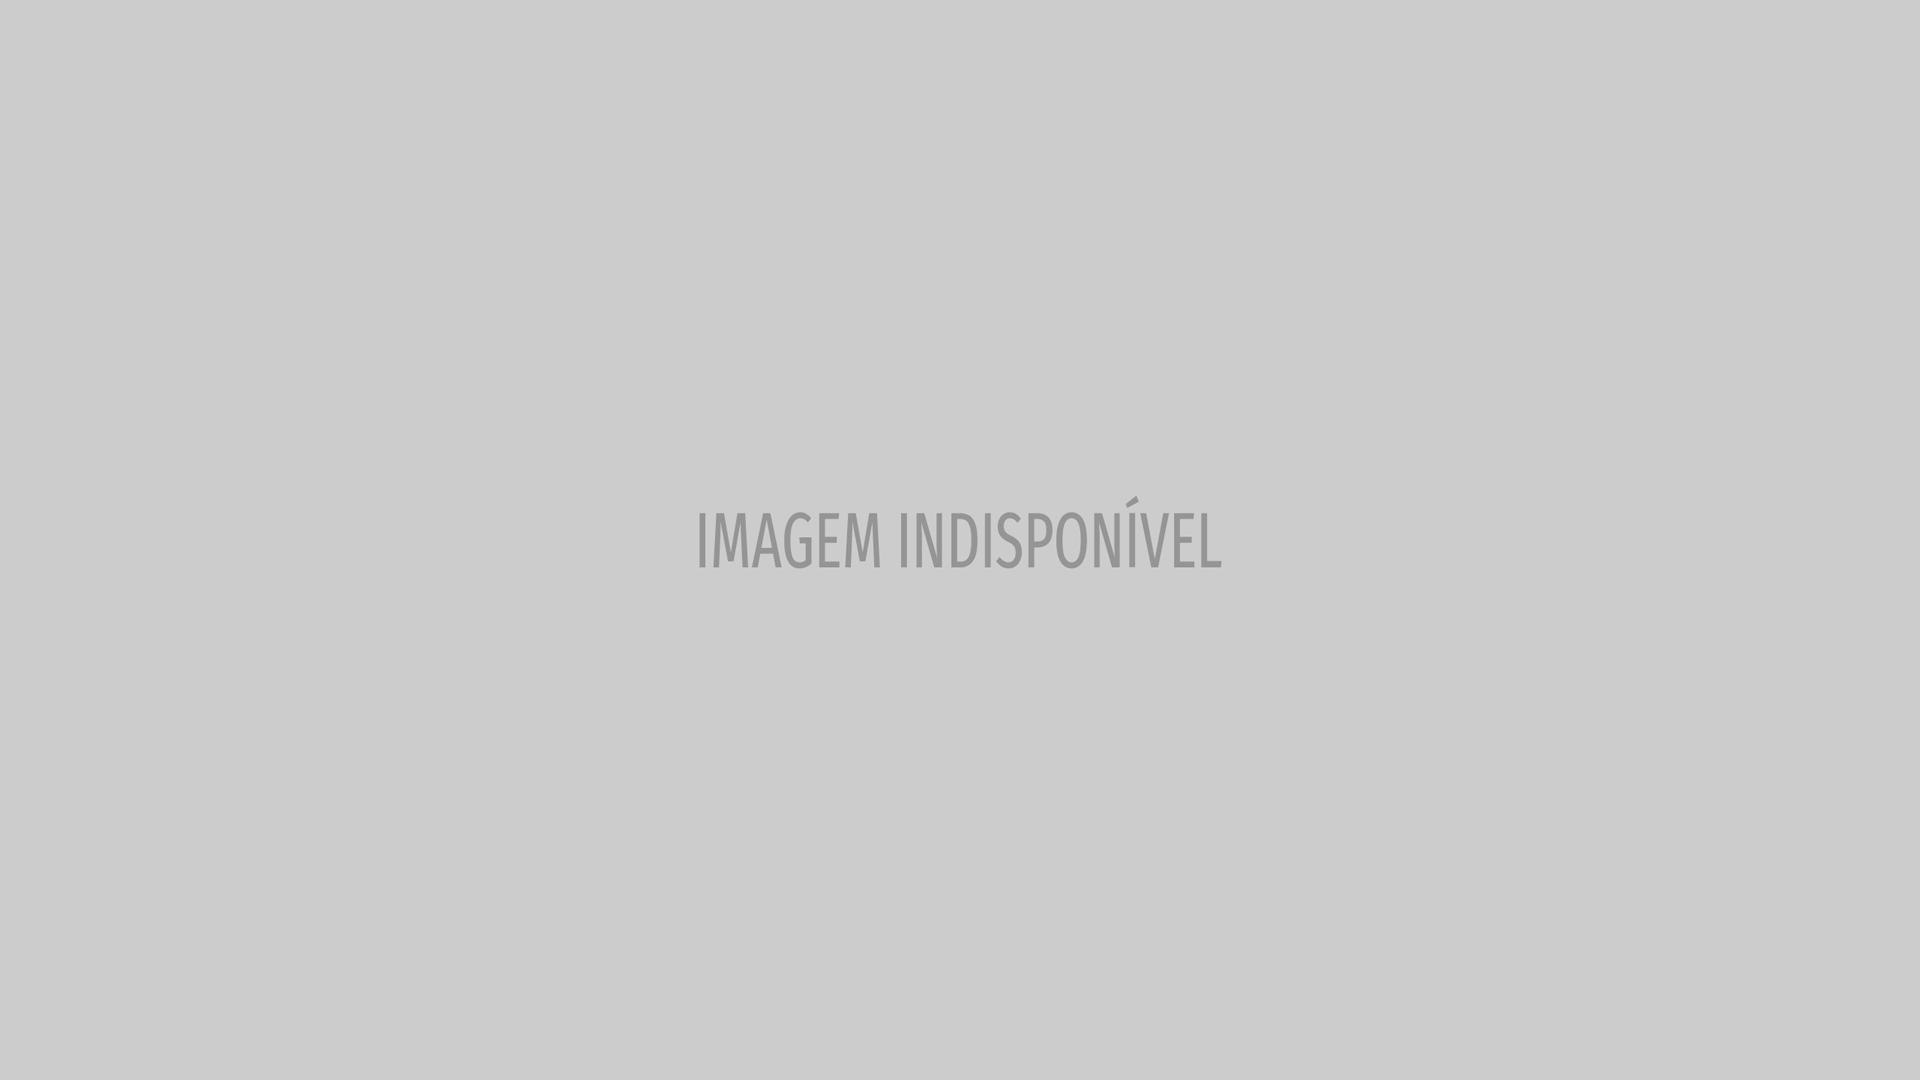 'A realidade dói', diz ex de Anitta após supostos beijos dela em Neymar